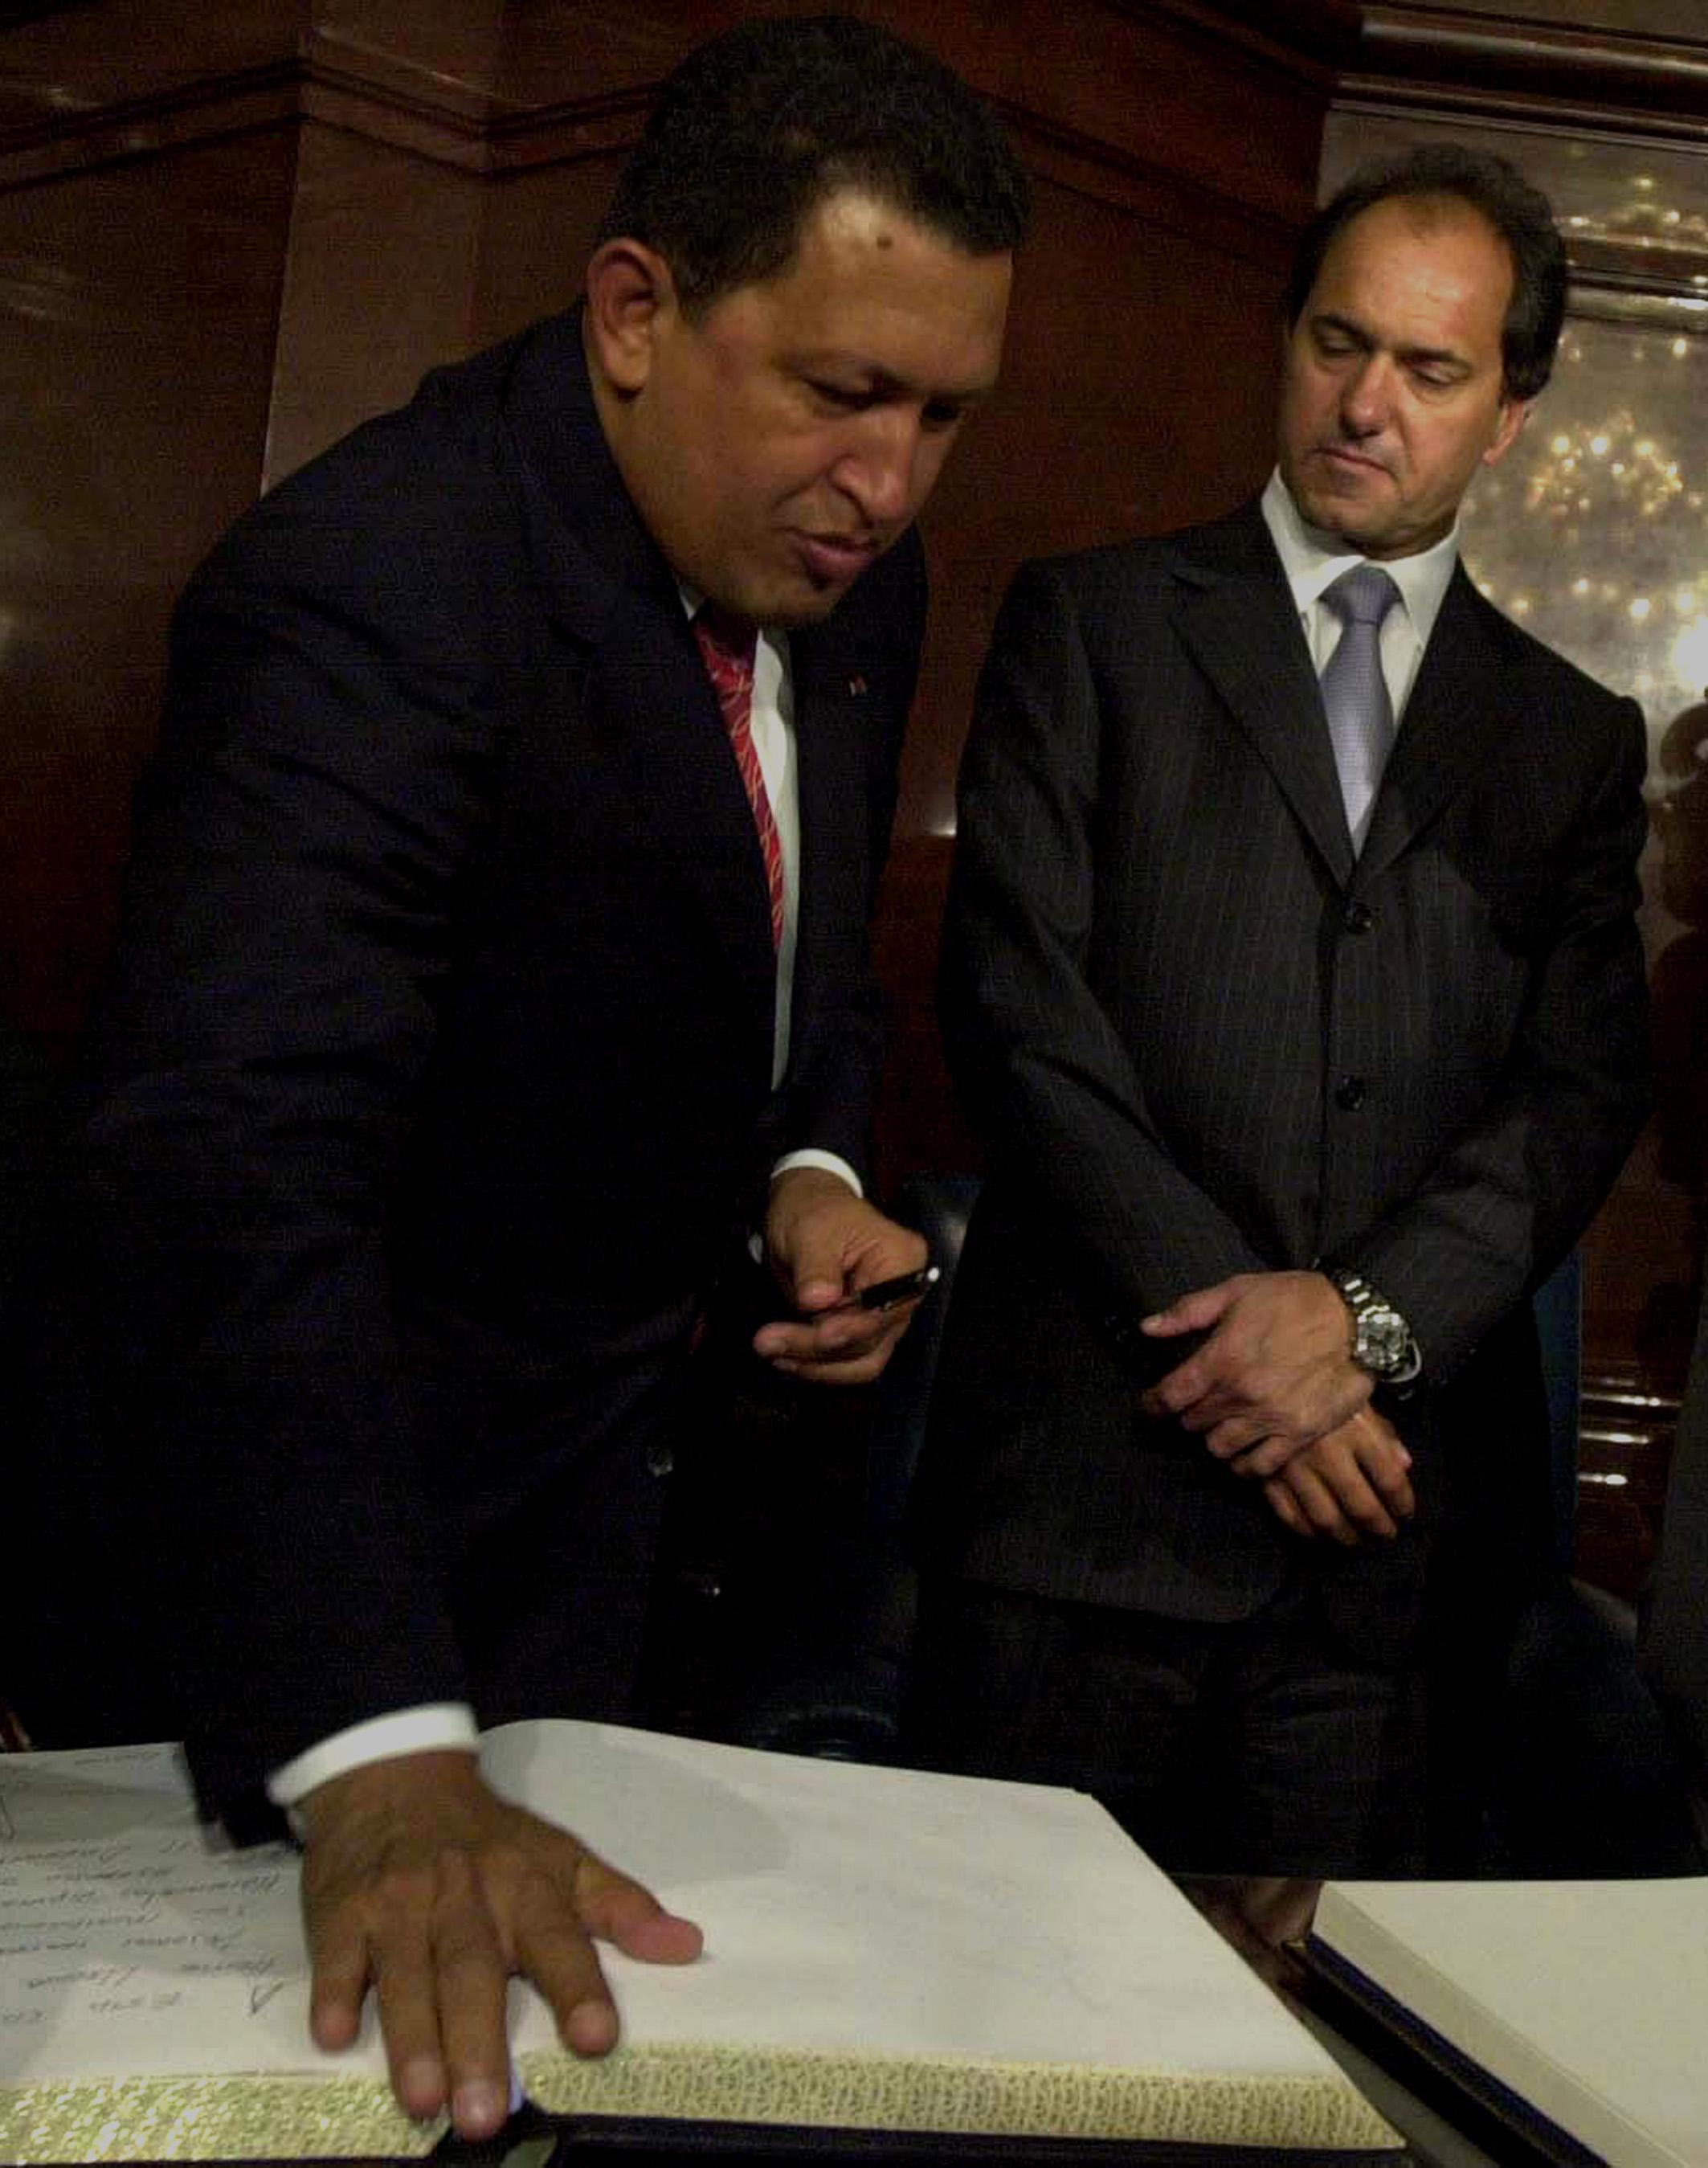 19/08/03 EL PRESIDENTE DE VENEZUELA, HUGO CHAVEZ, JUNTO AL VICEPRESIDENTE ARGENTINO, DANIEL SCIOLI, EN EL CONGRESO NACIONAL